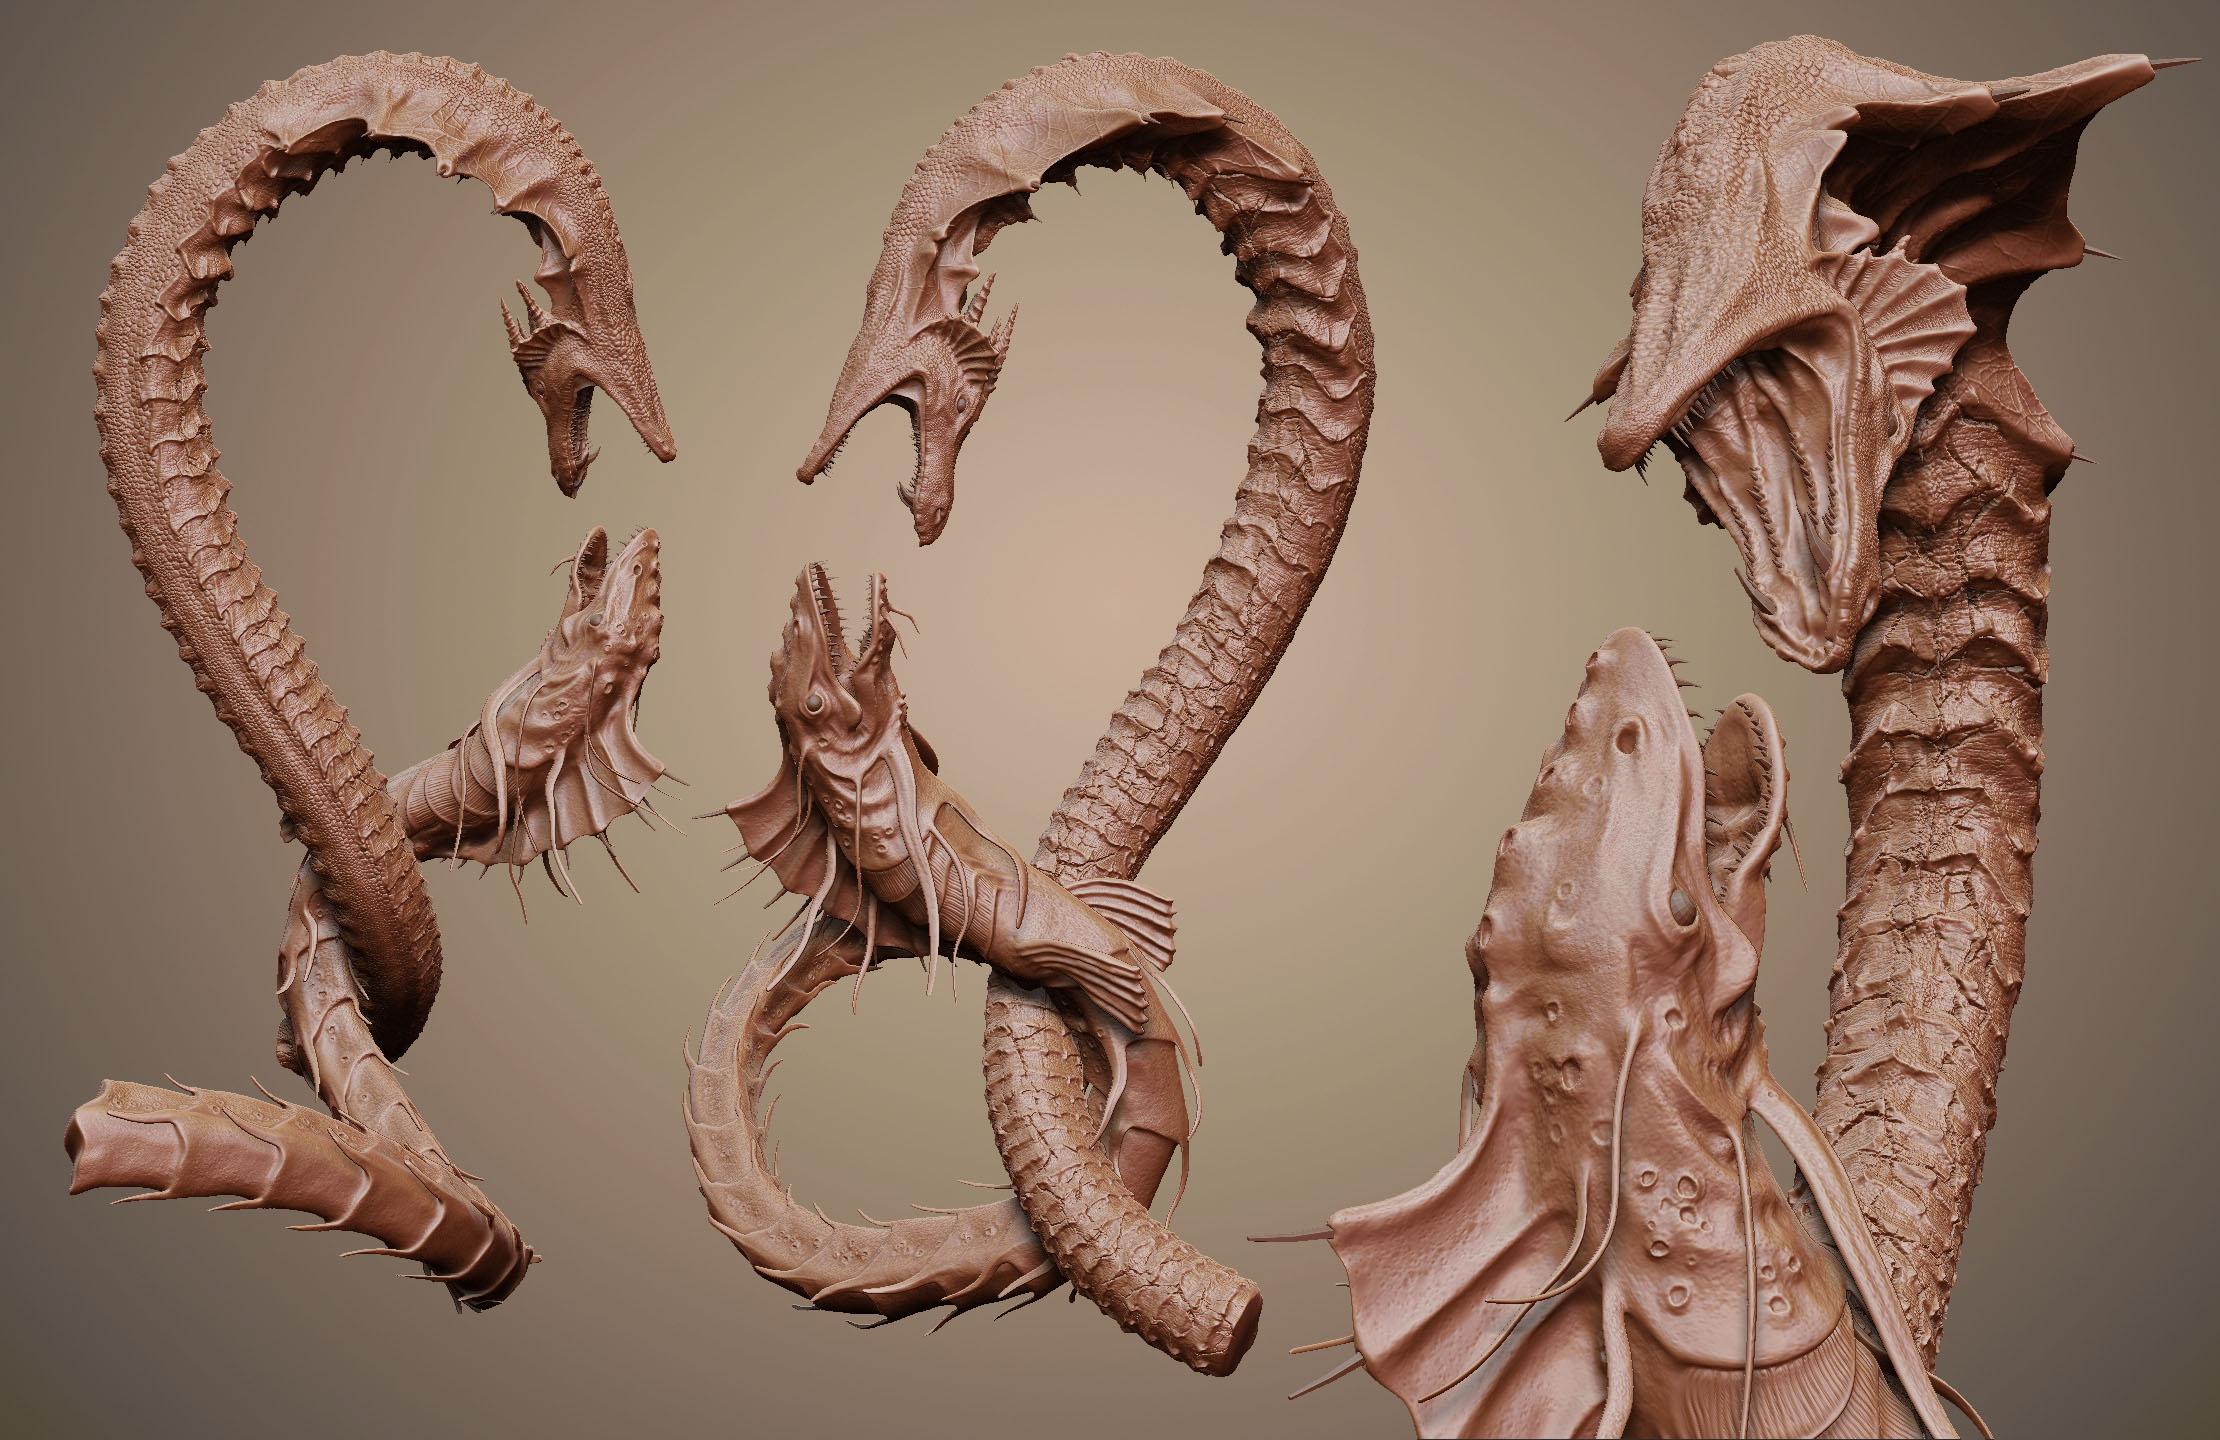 caicaitentensculpture01